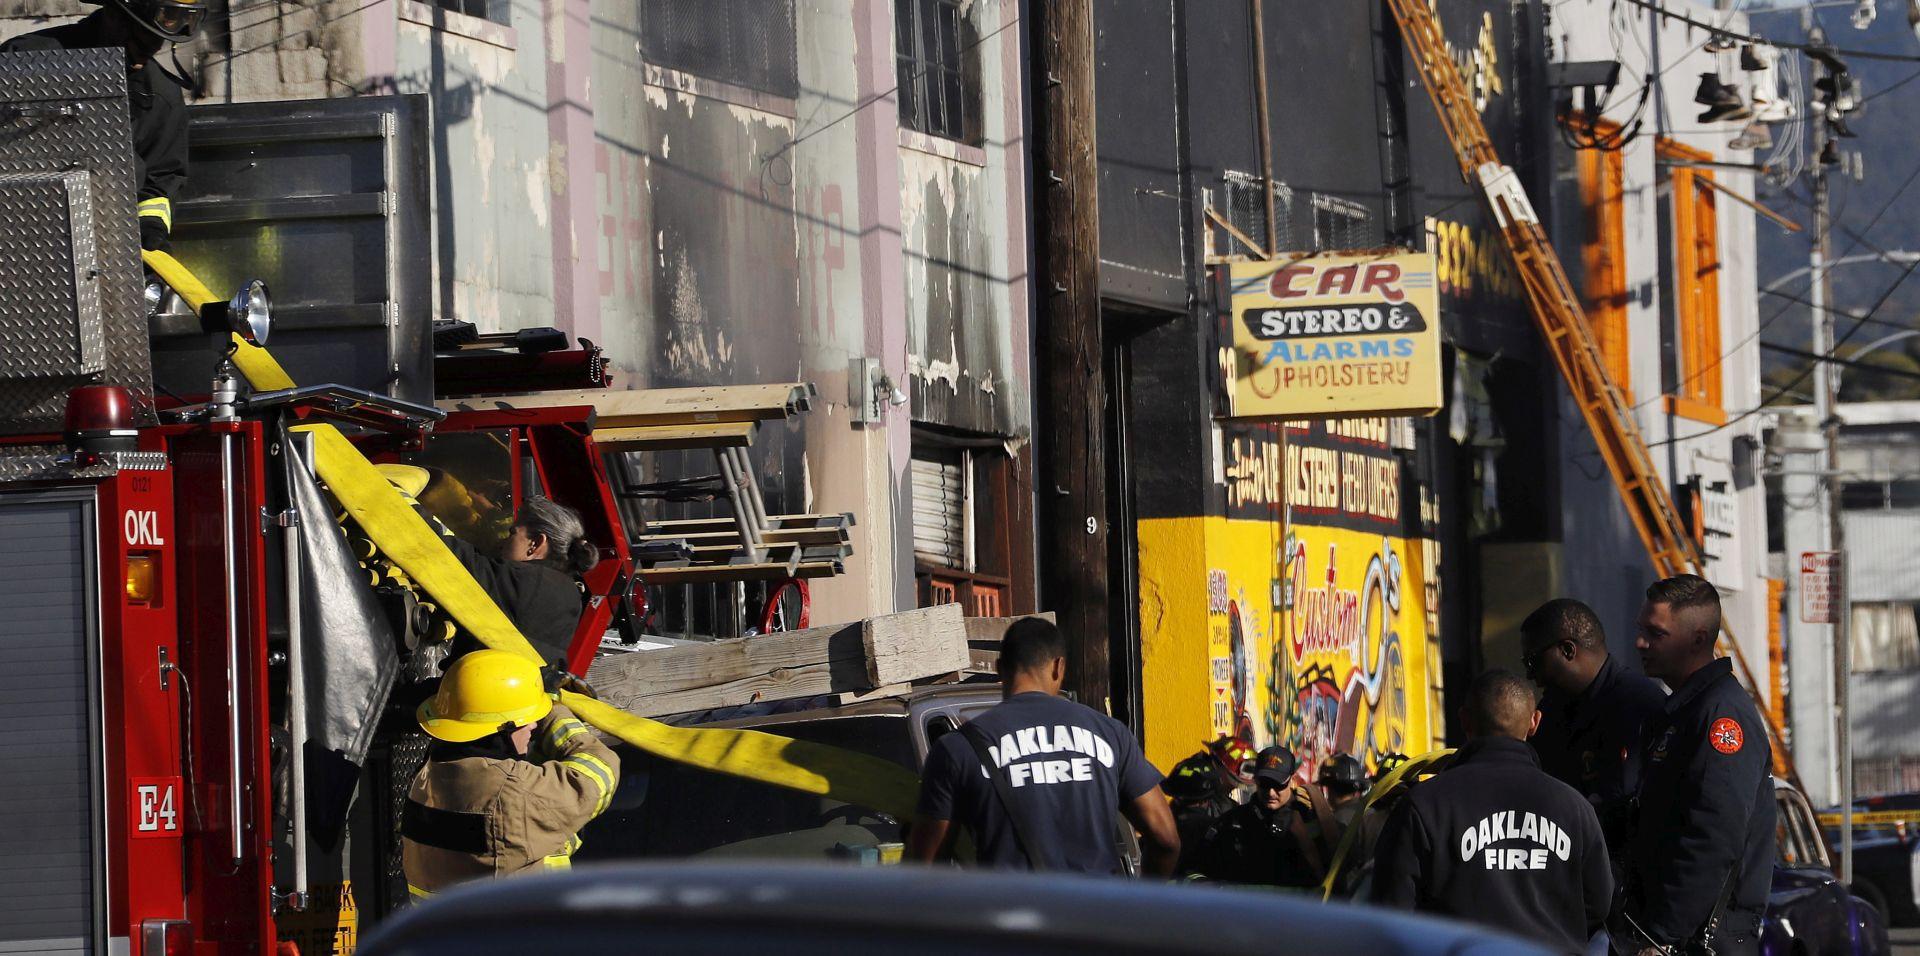 OAKLAND Broj žrtava požara na koncertu narastao na 24